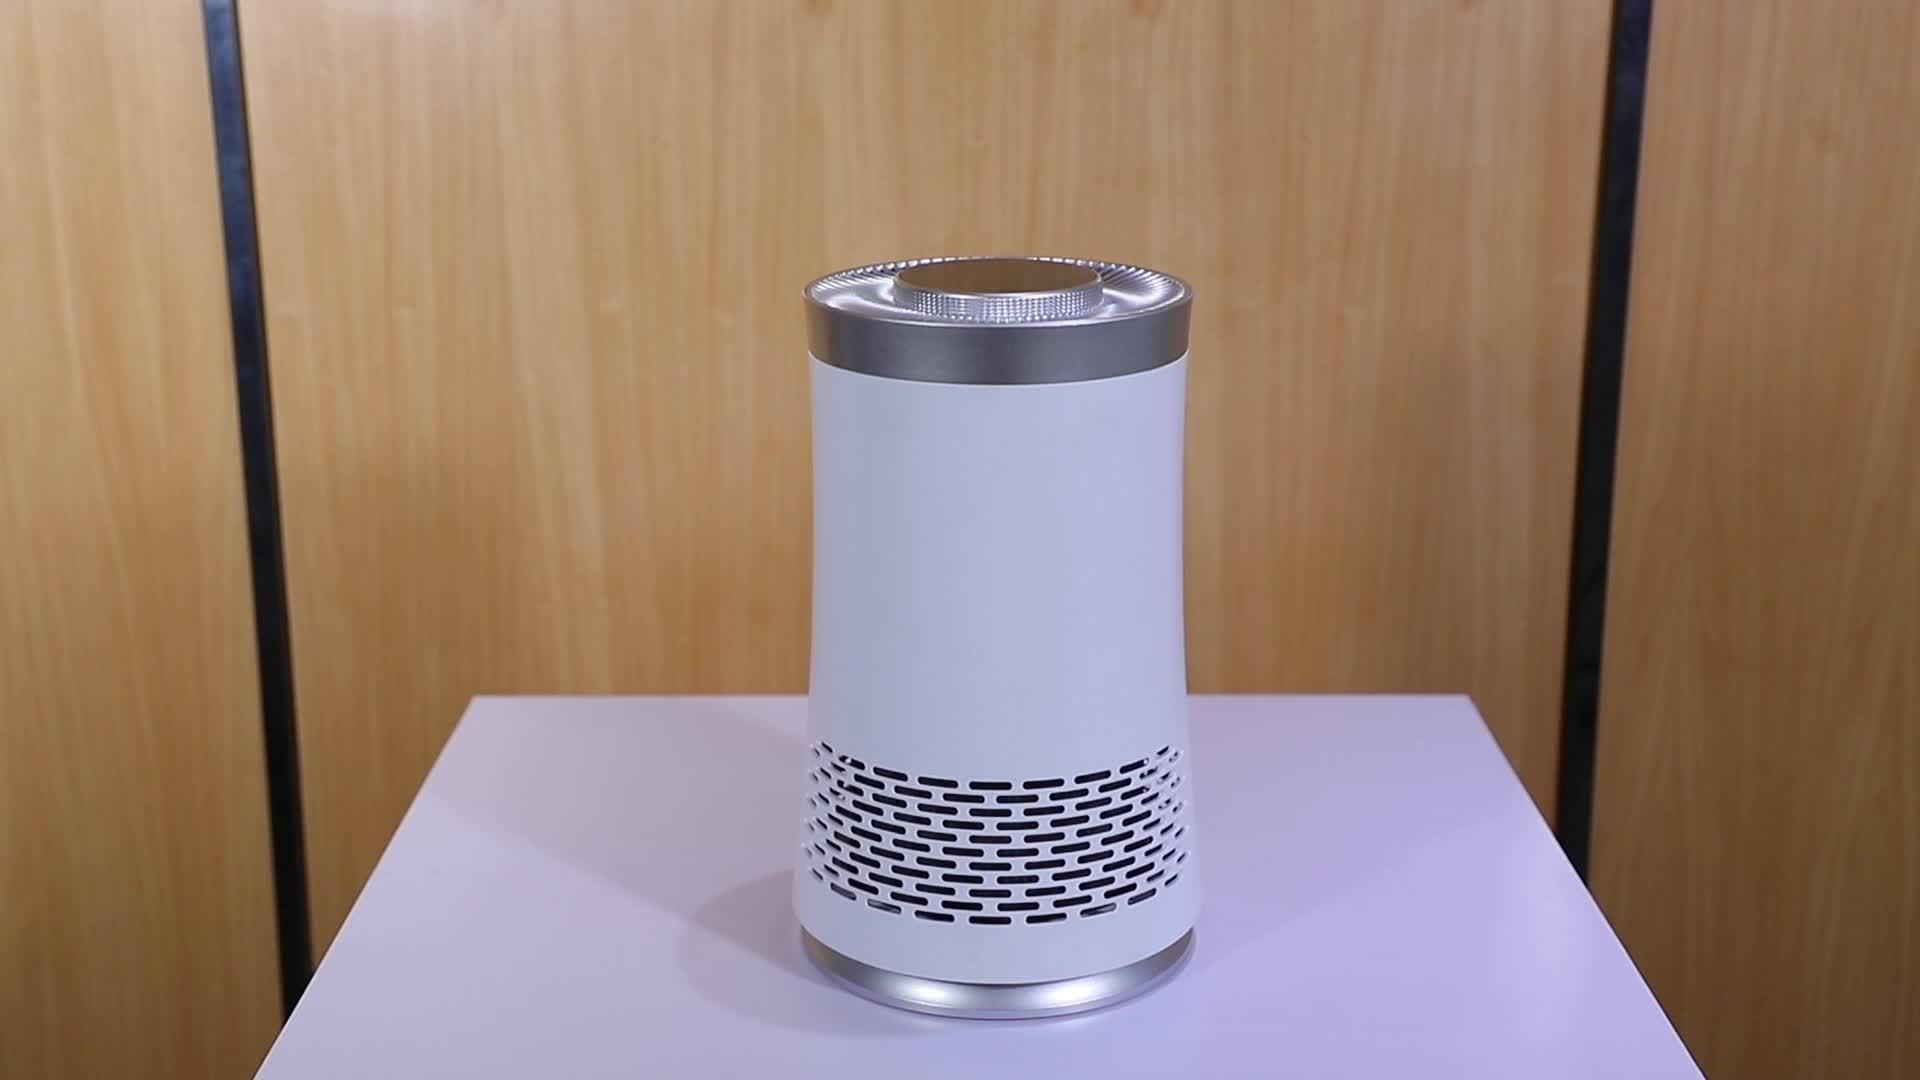 Cubierta de escritorio purificador de aire con filtro hepa